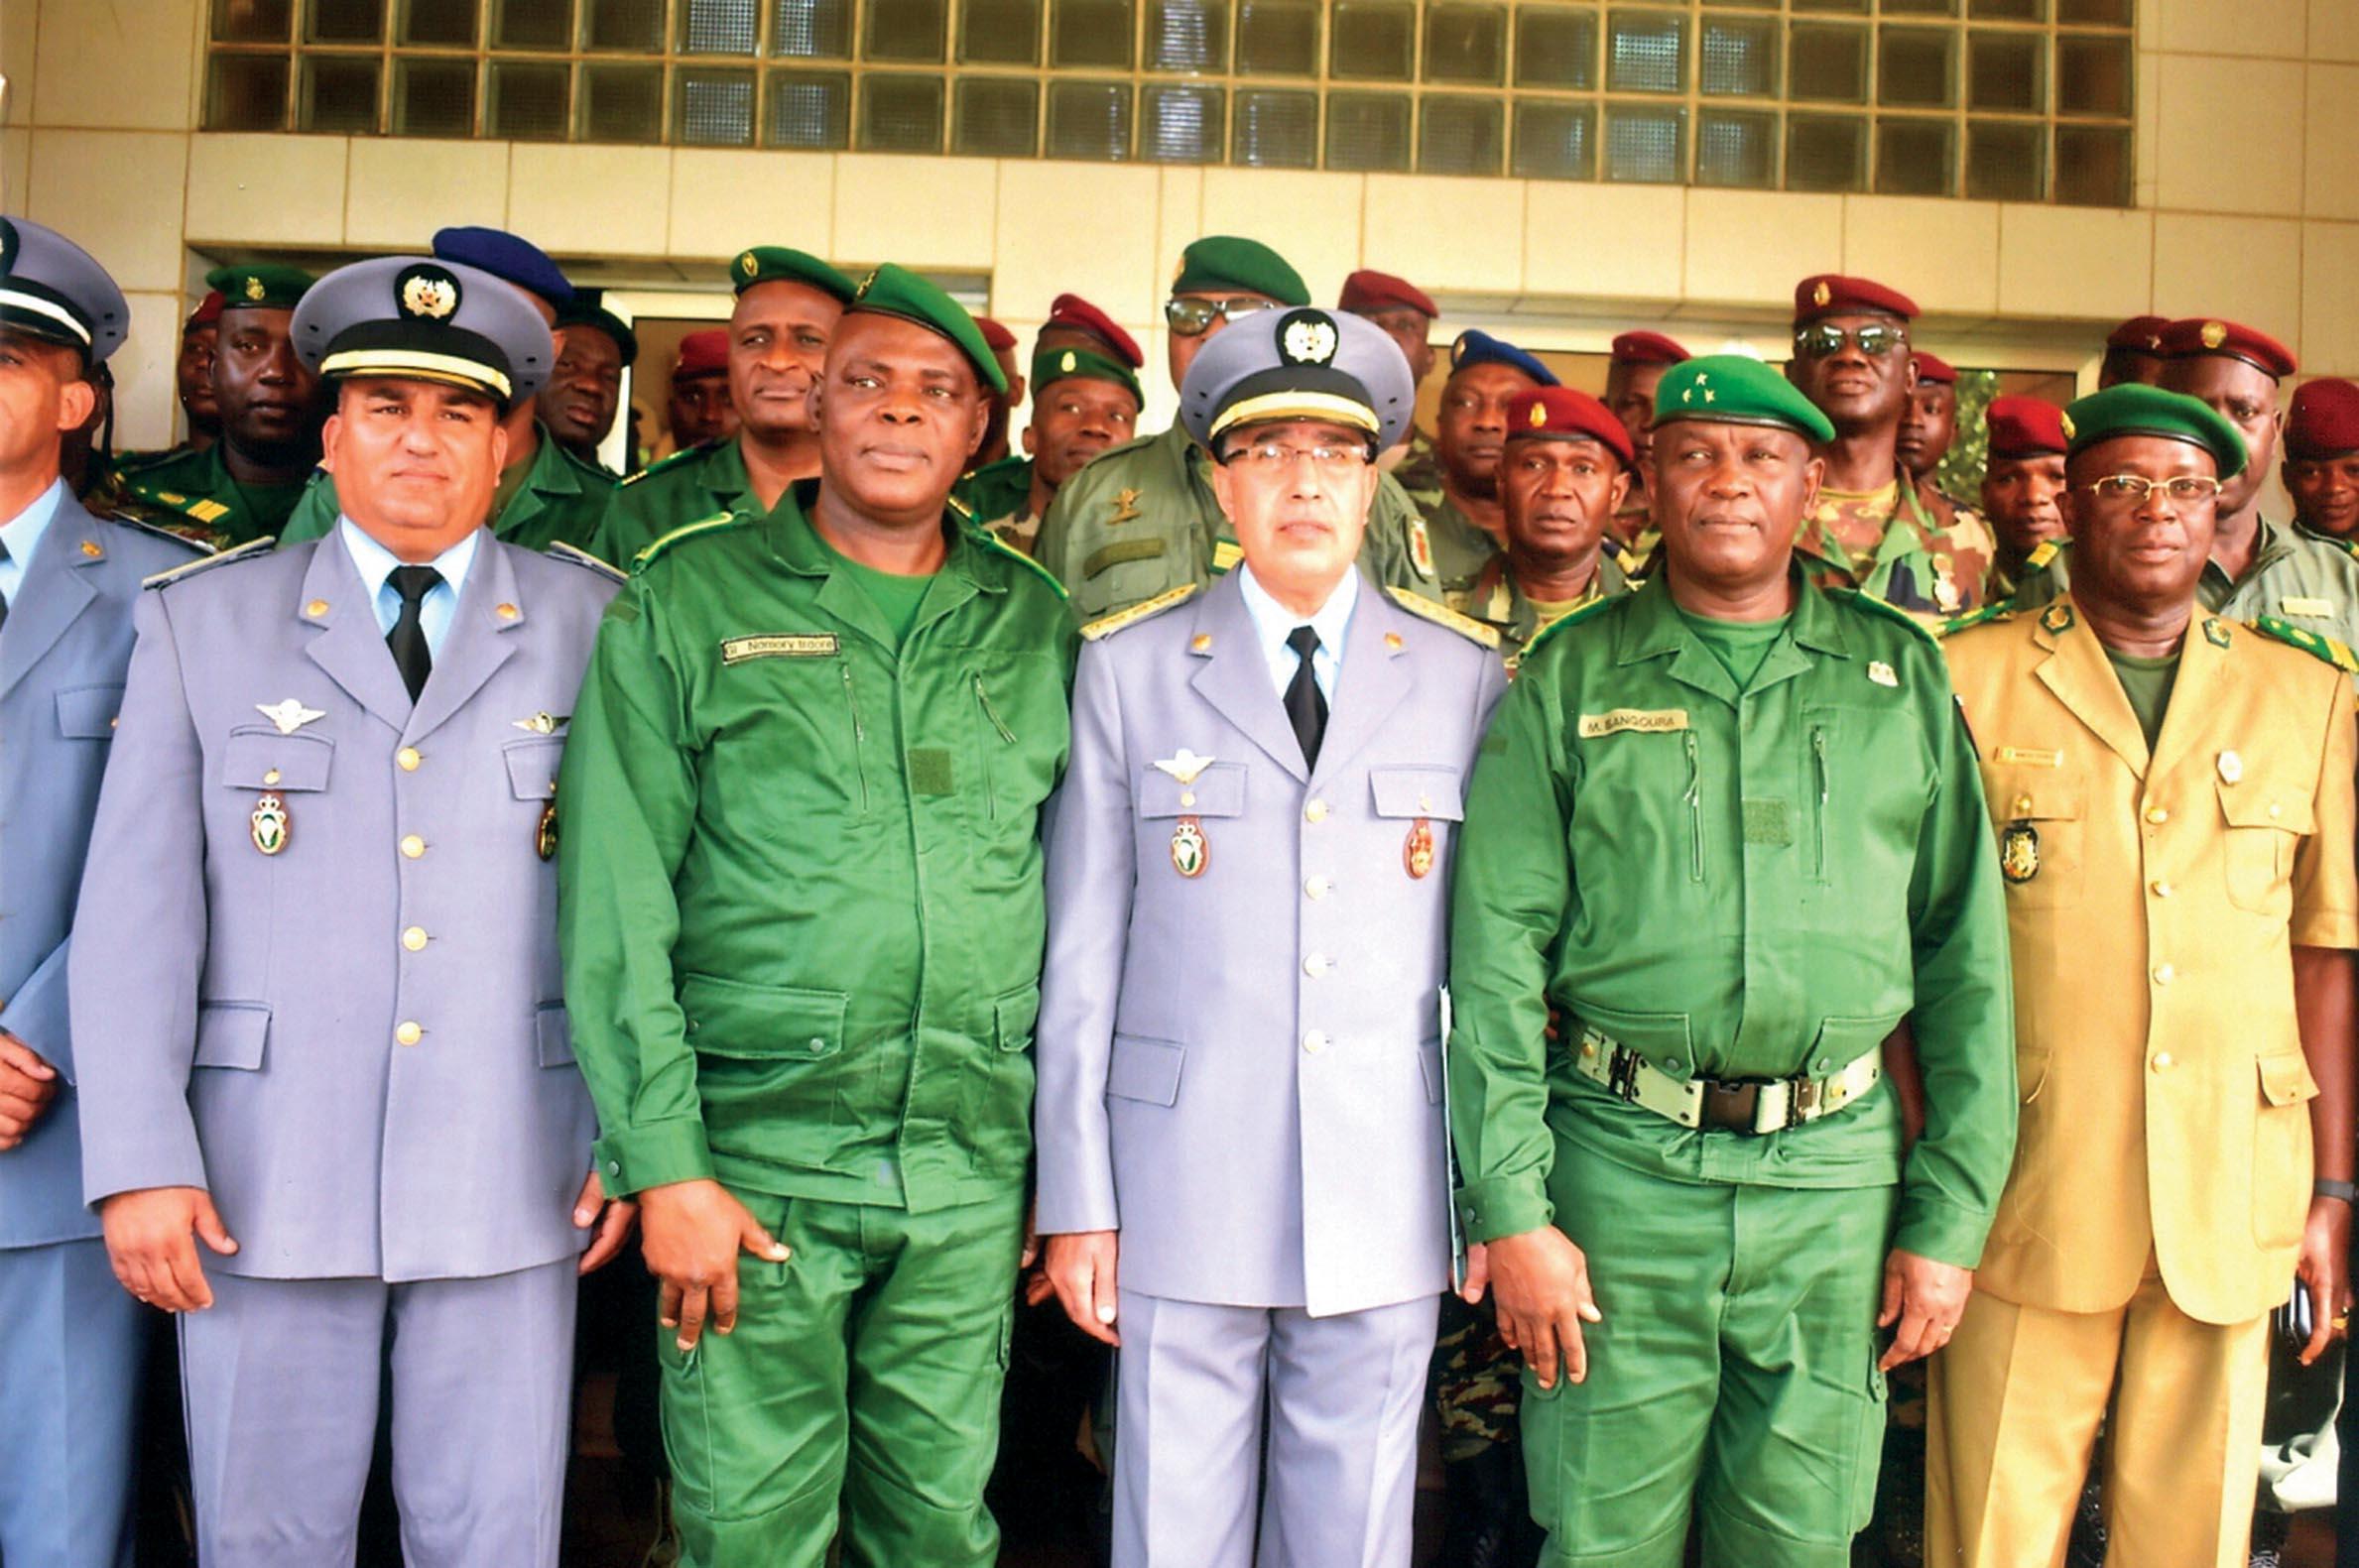 Coopération avce la Guinée Conakry A-Arm%C3%A9e.-Maroc-Guin%C3%A9e